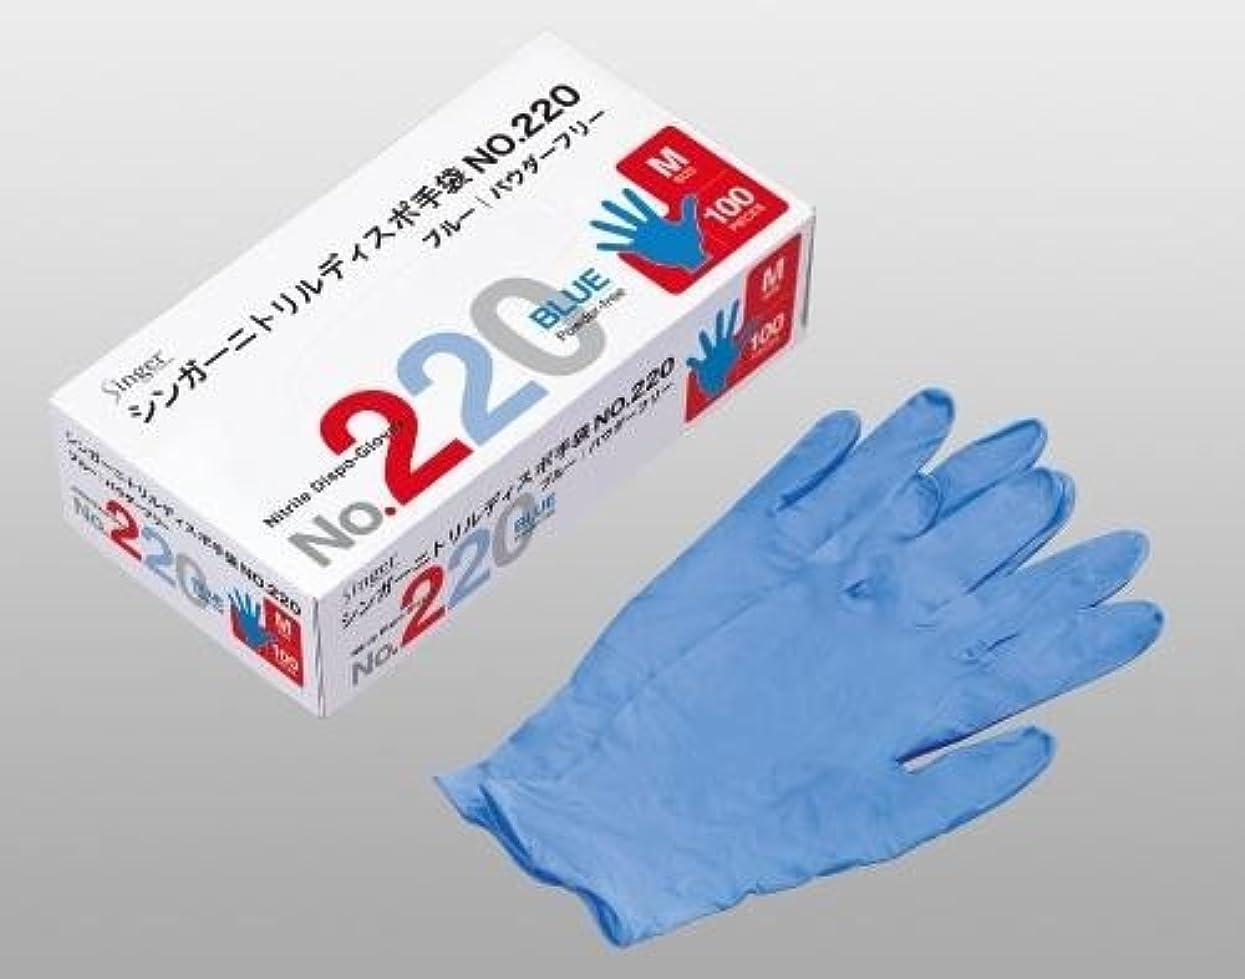 エイリアス腸ディンカルビルシンガーニトリルディスポ手袋 No.220 ブルー パウダーフリー(100枚) S